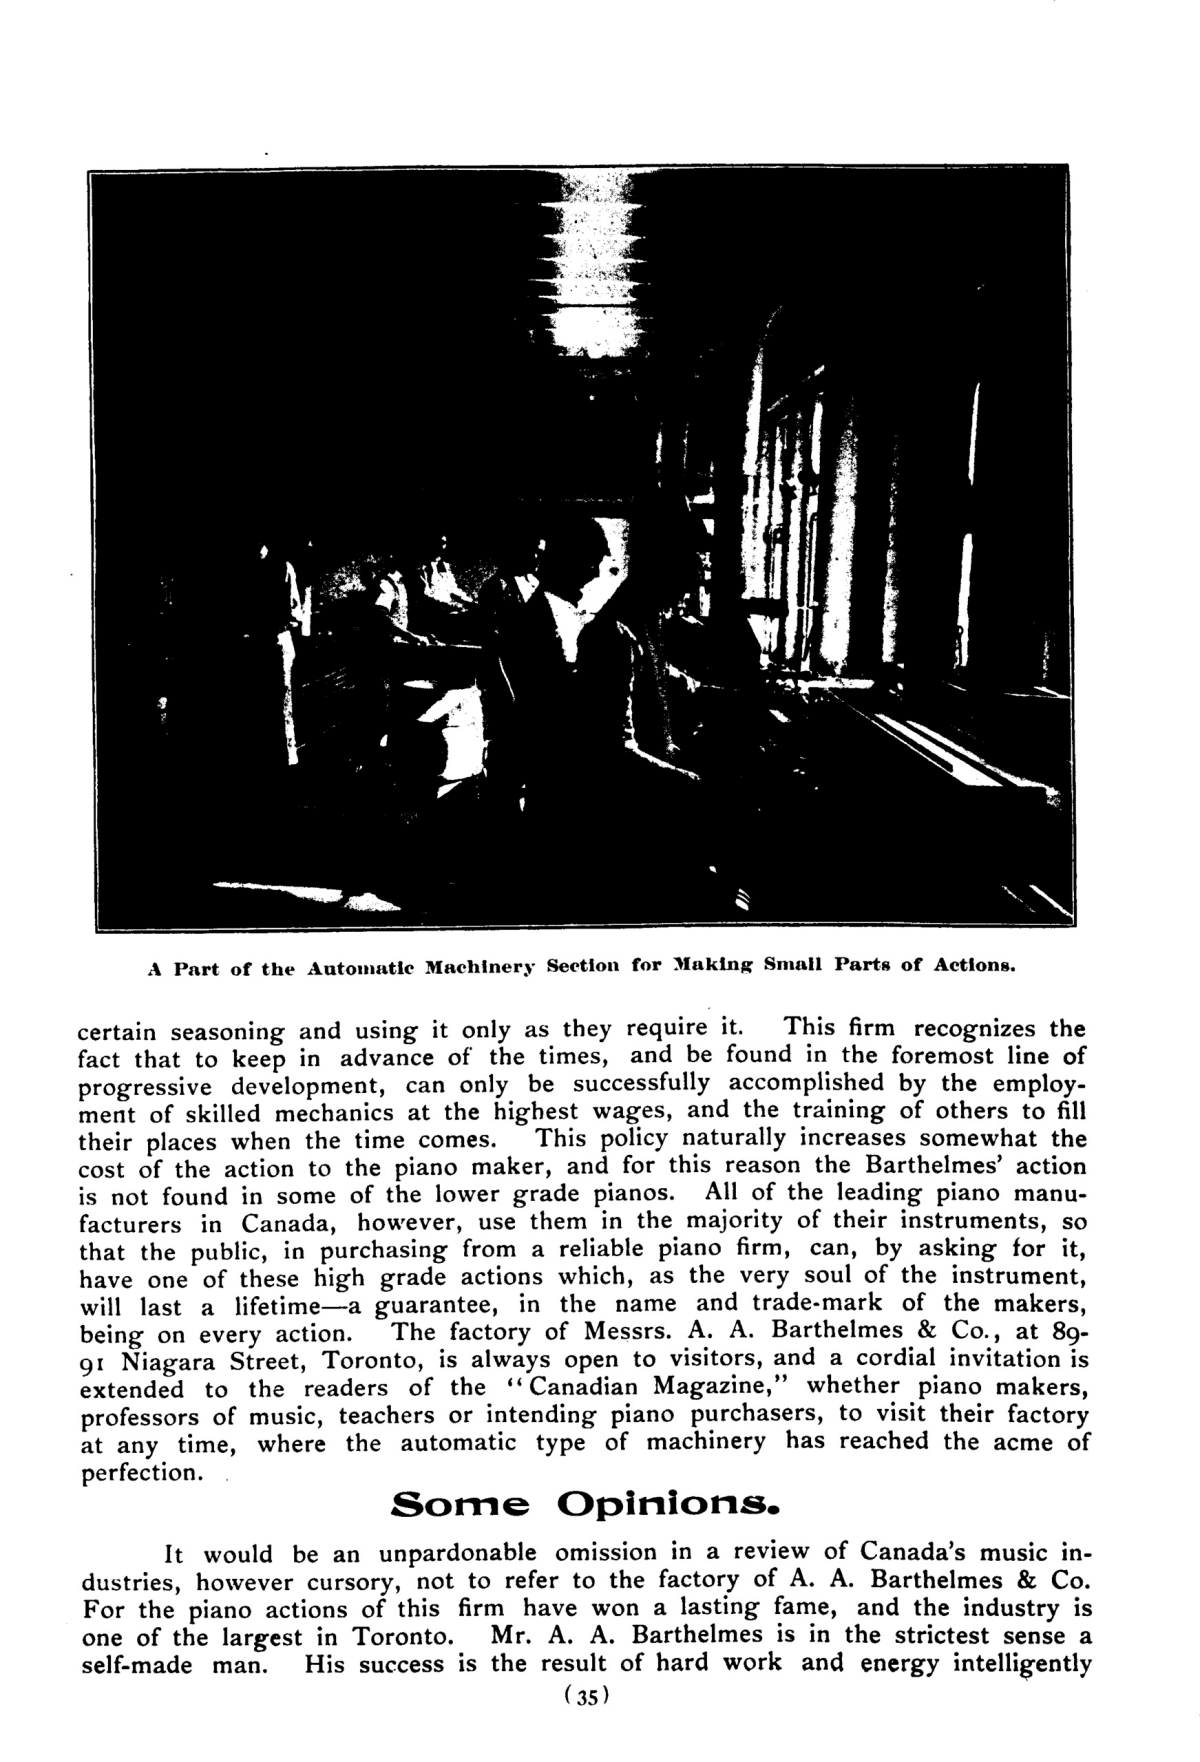 the-canadian-magazine-vol-14-no-2-dec-1899-3